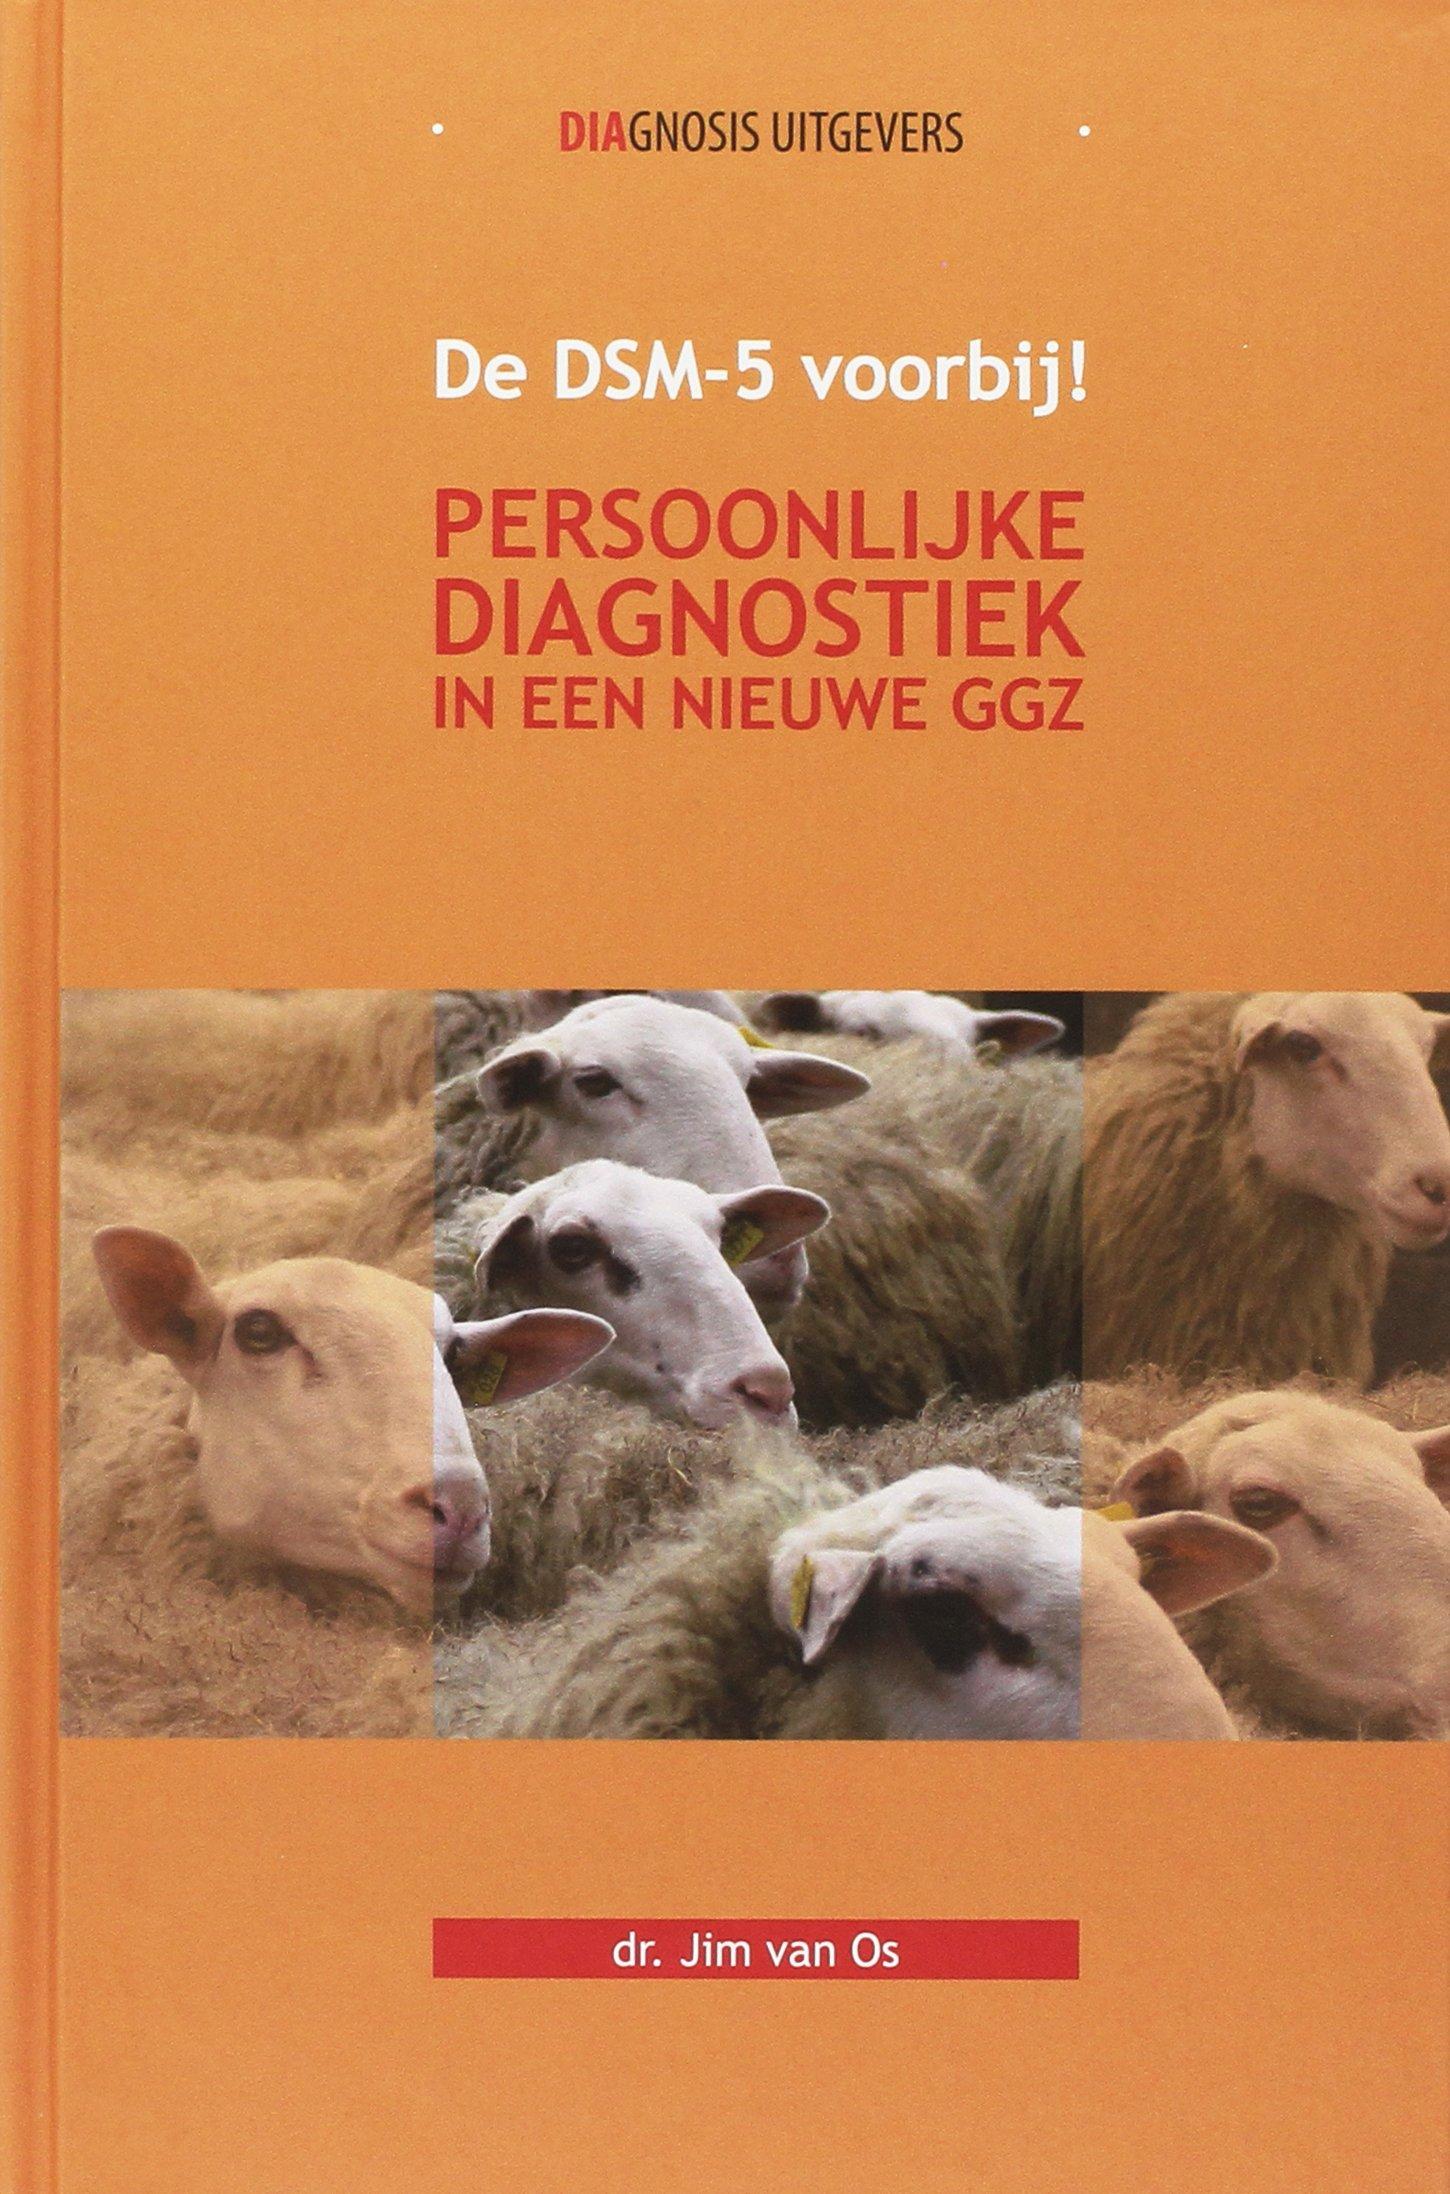 Persoonlijke diagnostiek in een nieuwe GGZ: de DSM-5 voorbij!